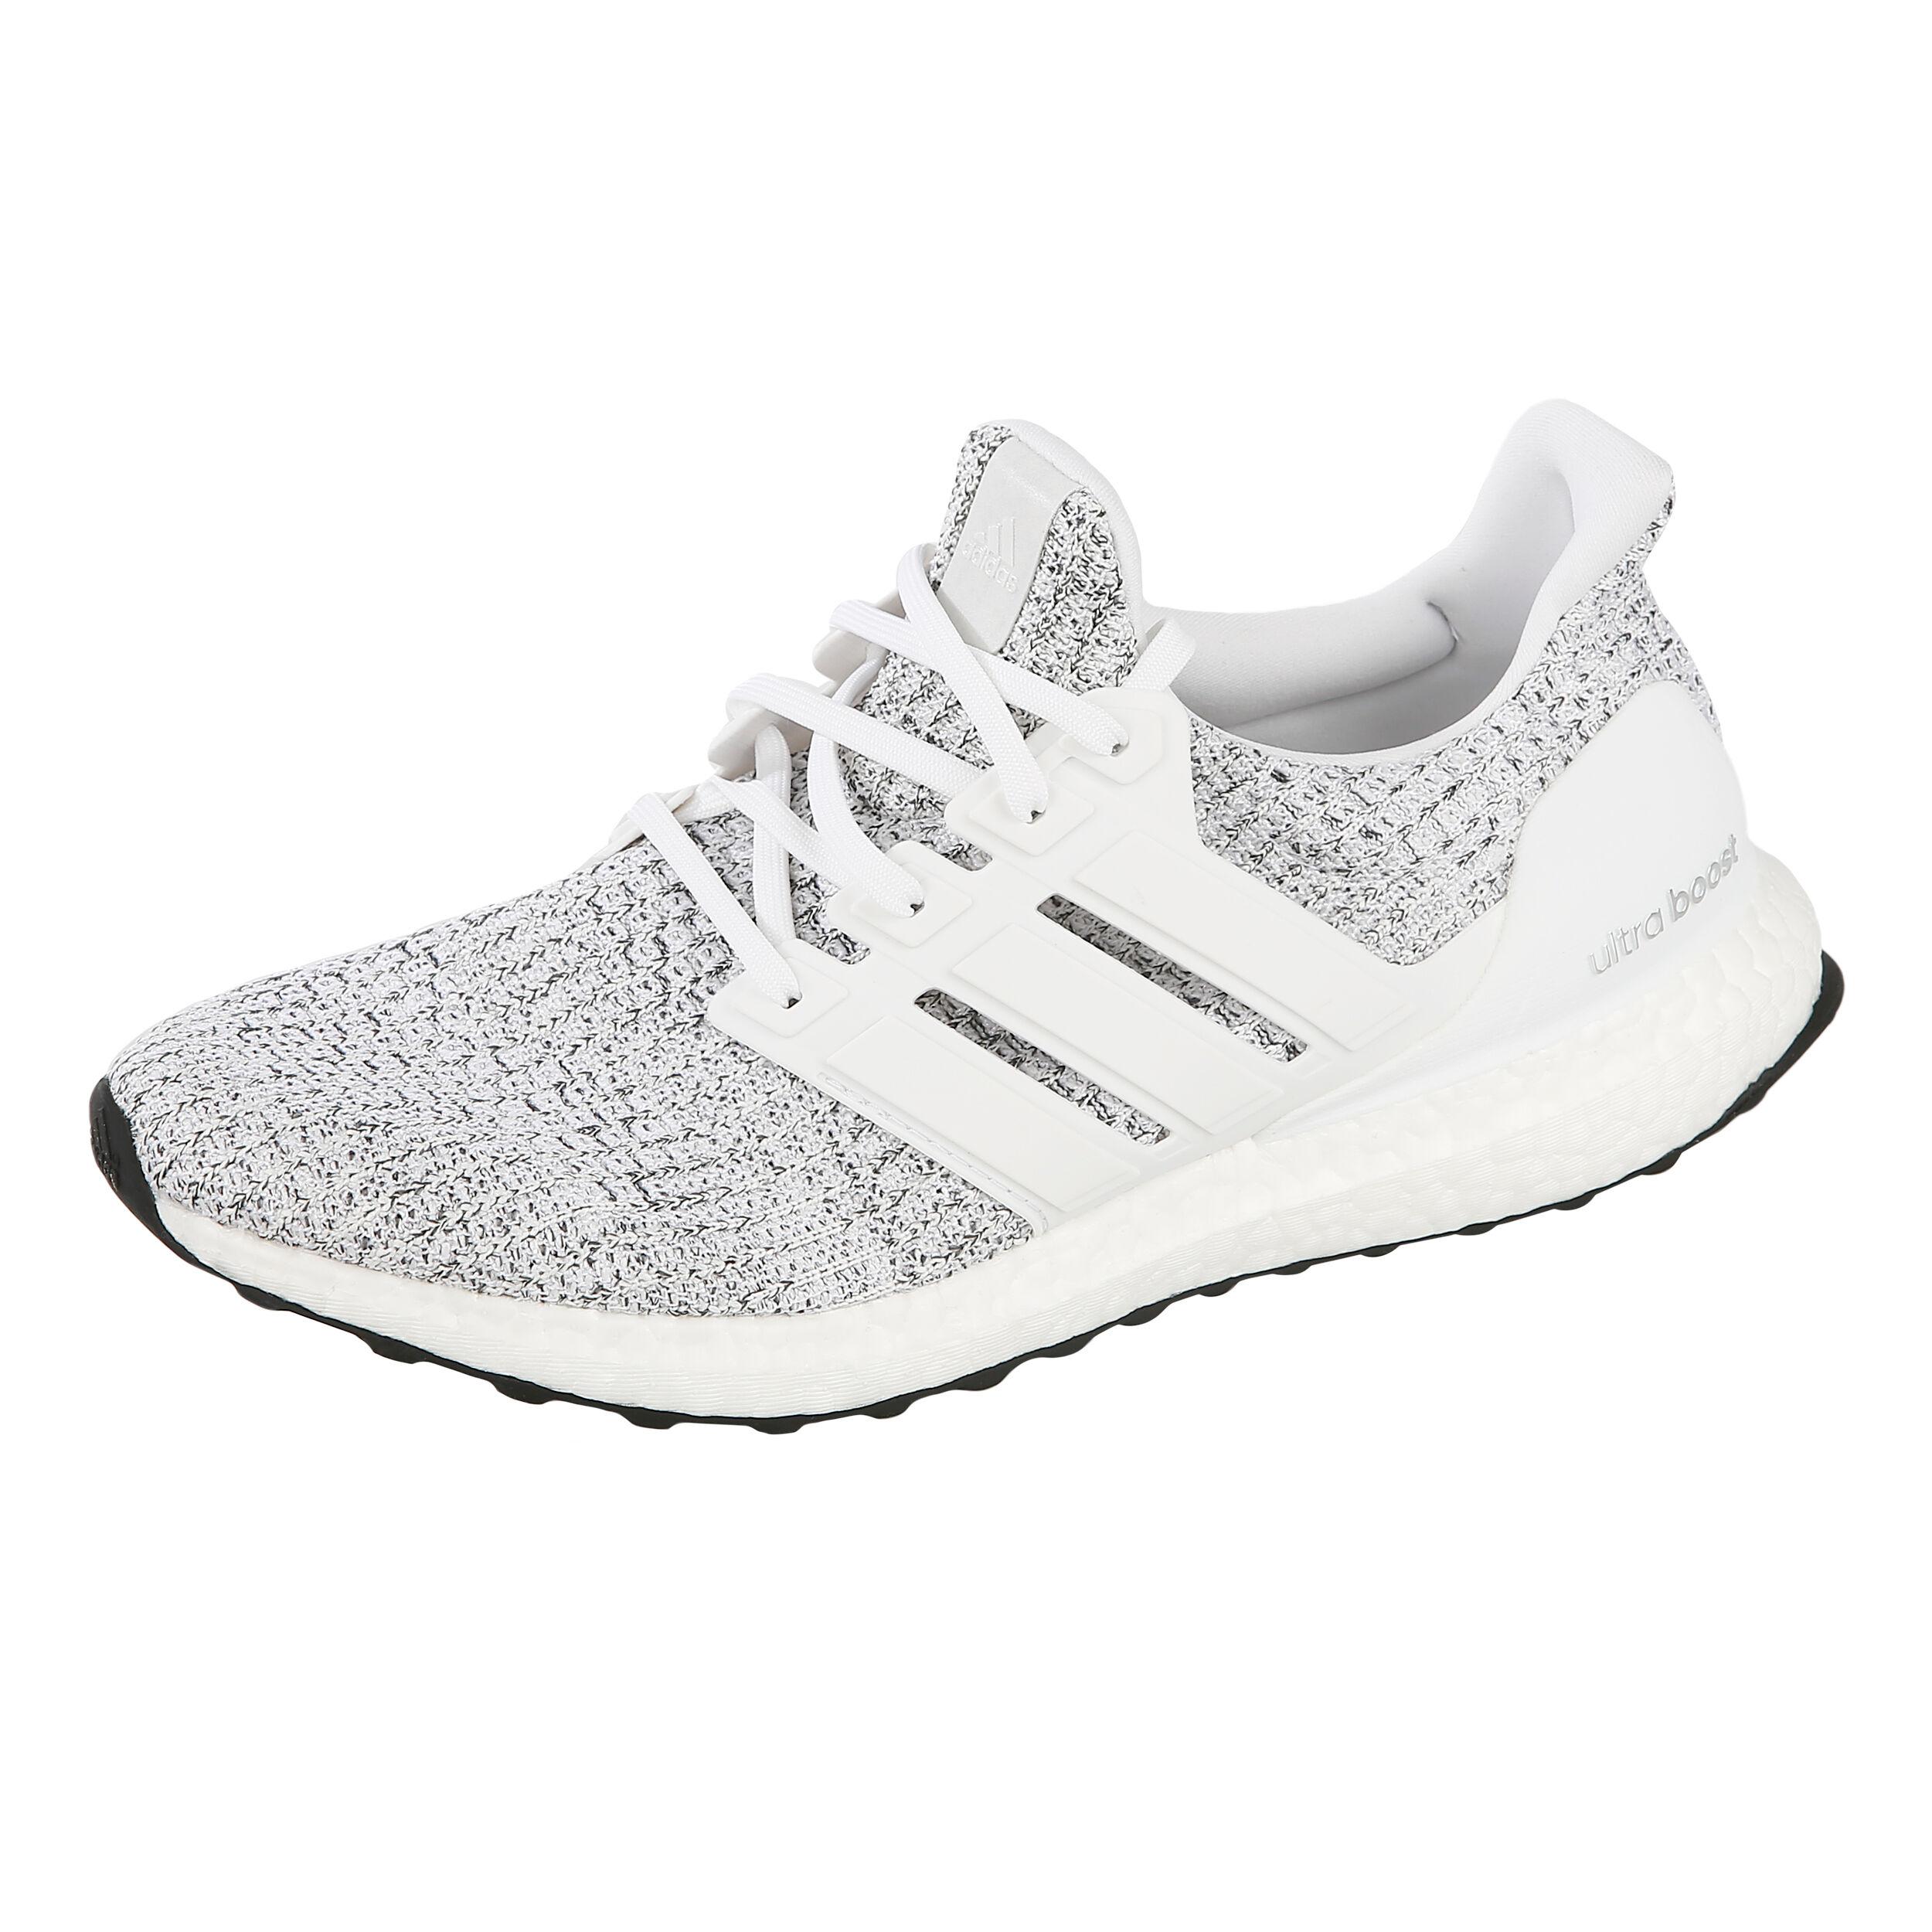 Sale % von adidas | bis -50% reduziert | Jogging-Point